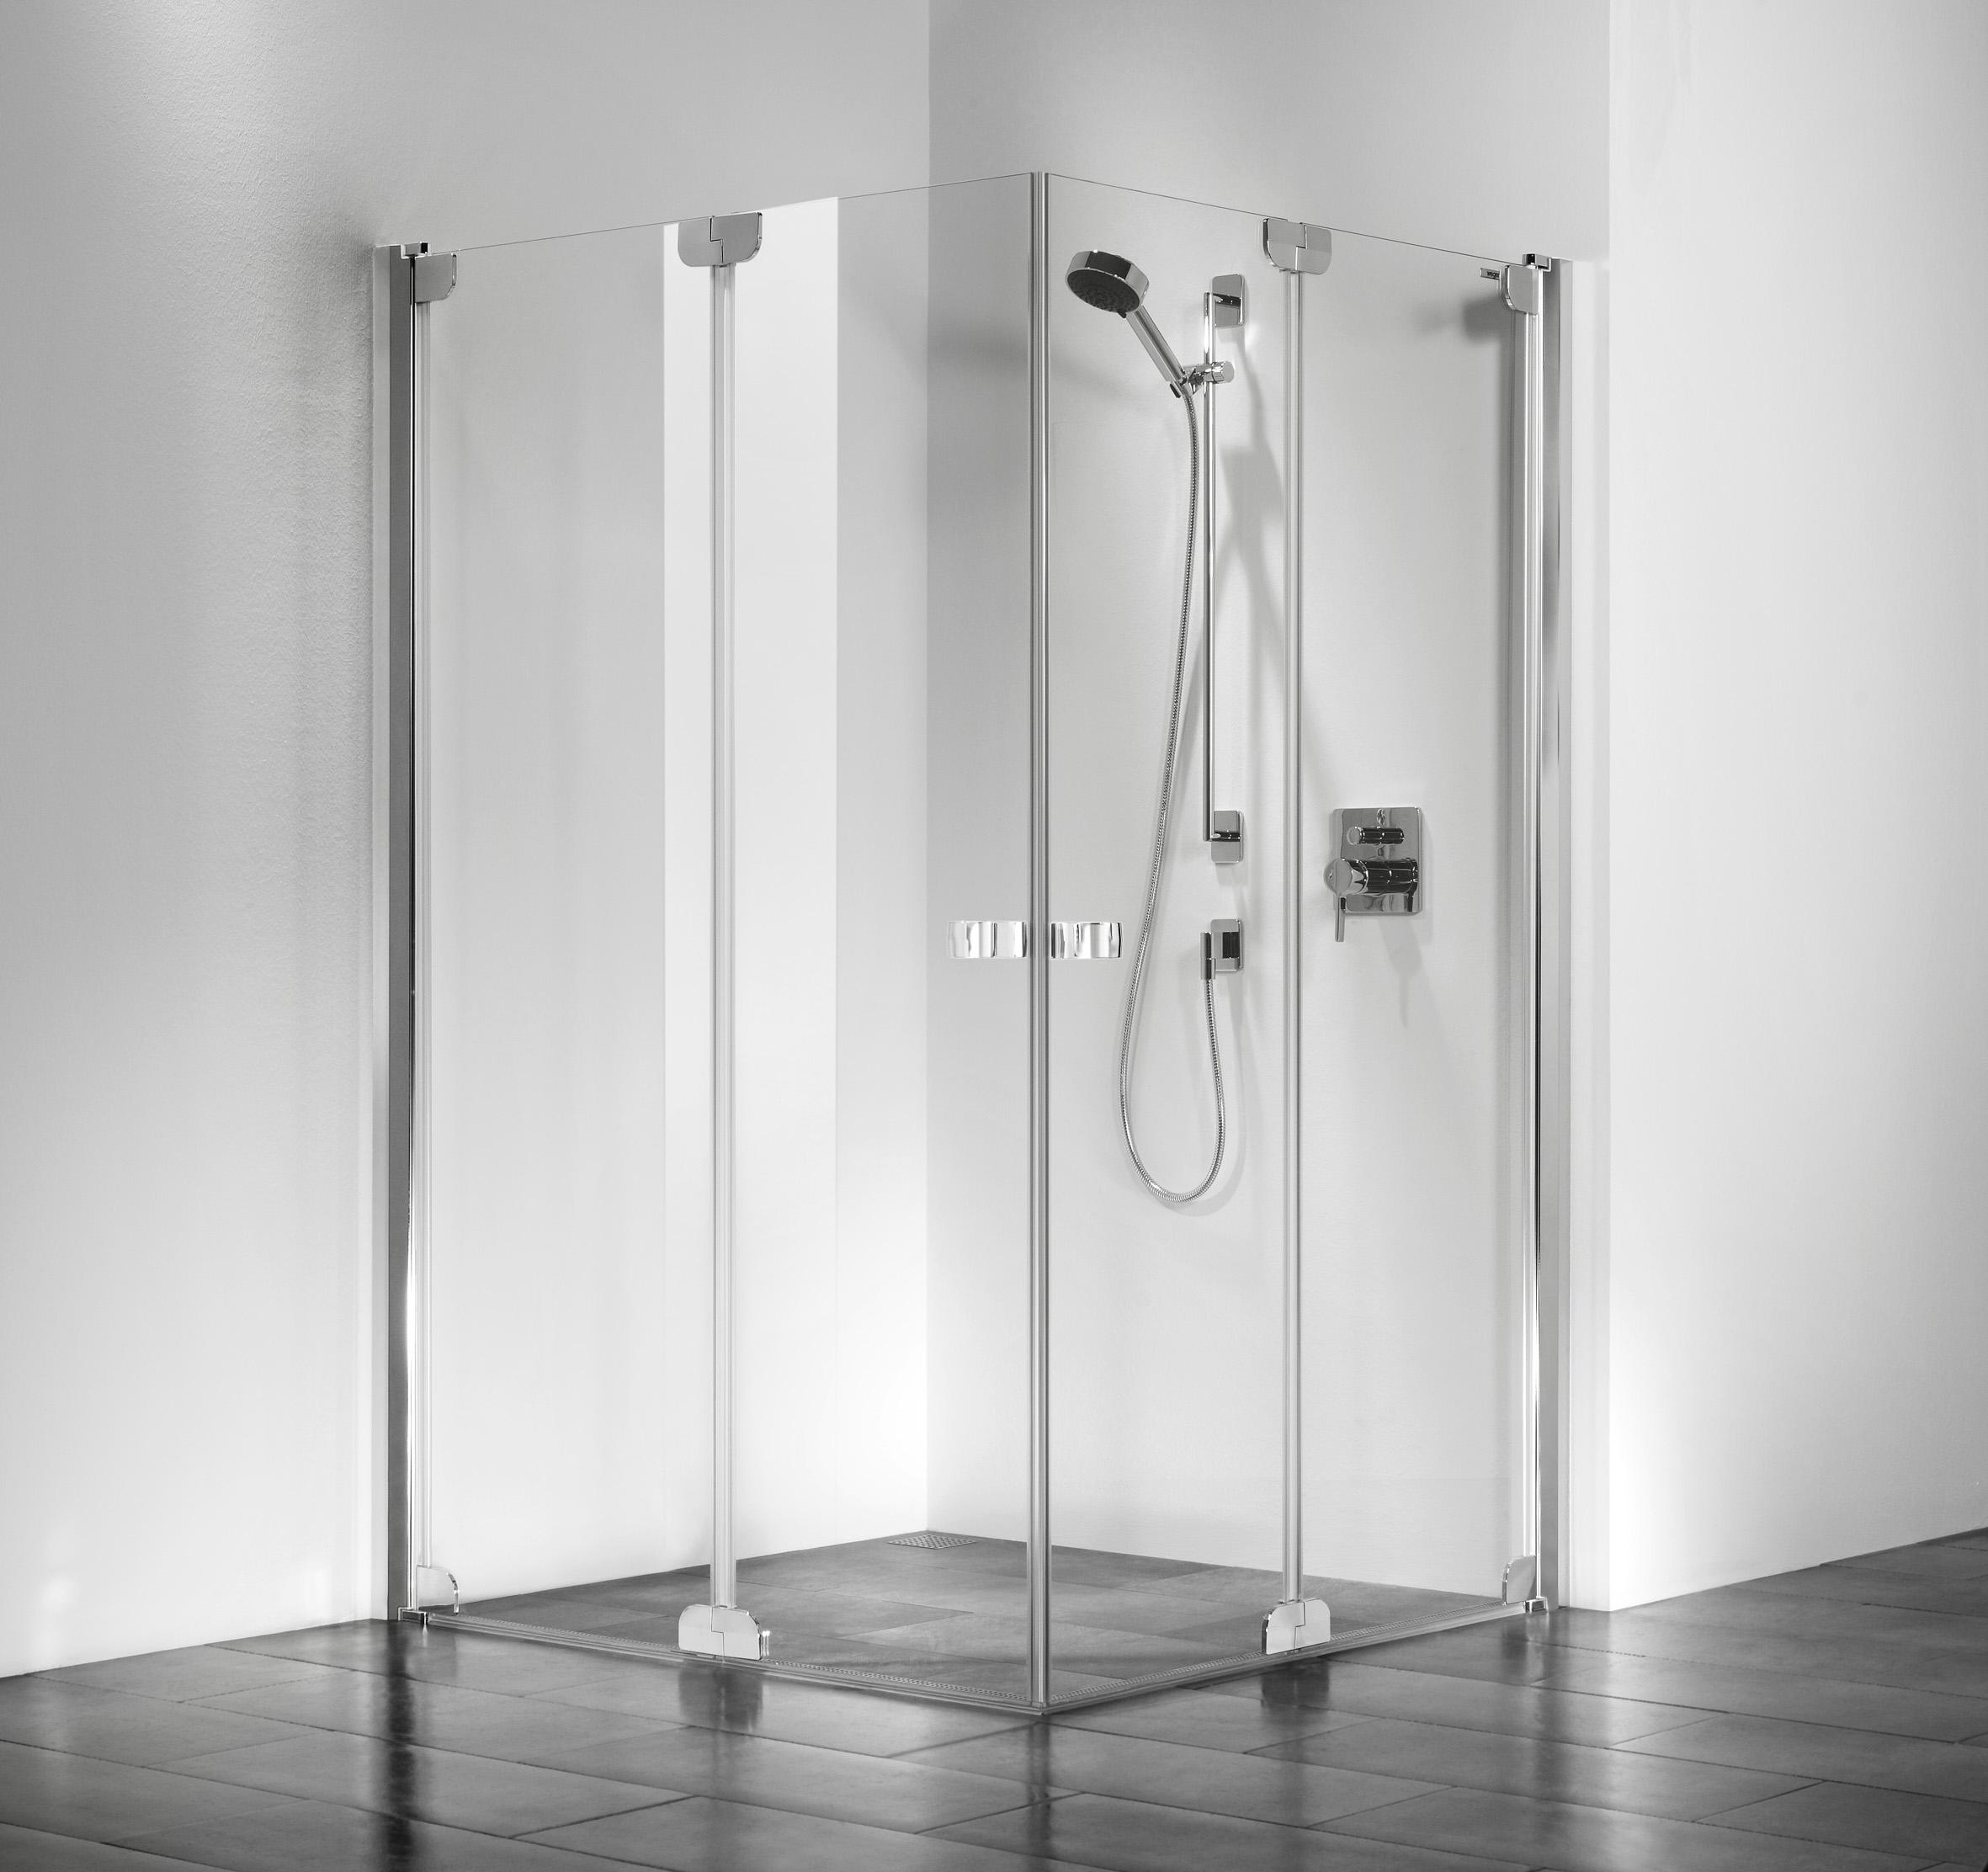 halbkreis dusche zum wegklappen ihr ideales zuhause stil. Black Bedroom Furniture Sets. Home Design Ideas